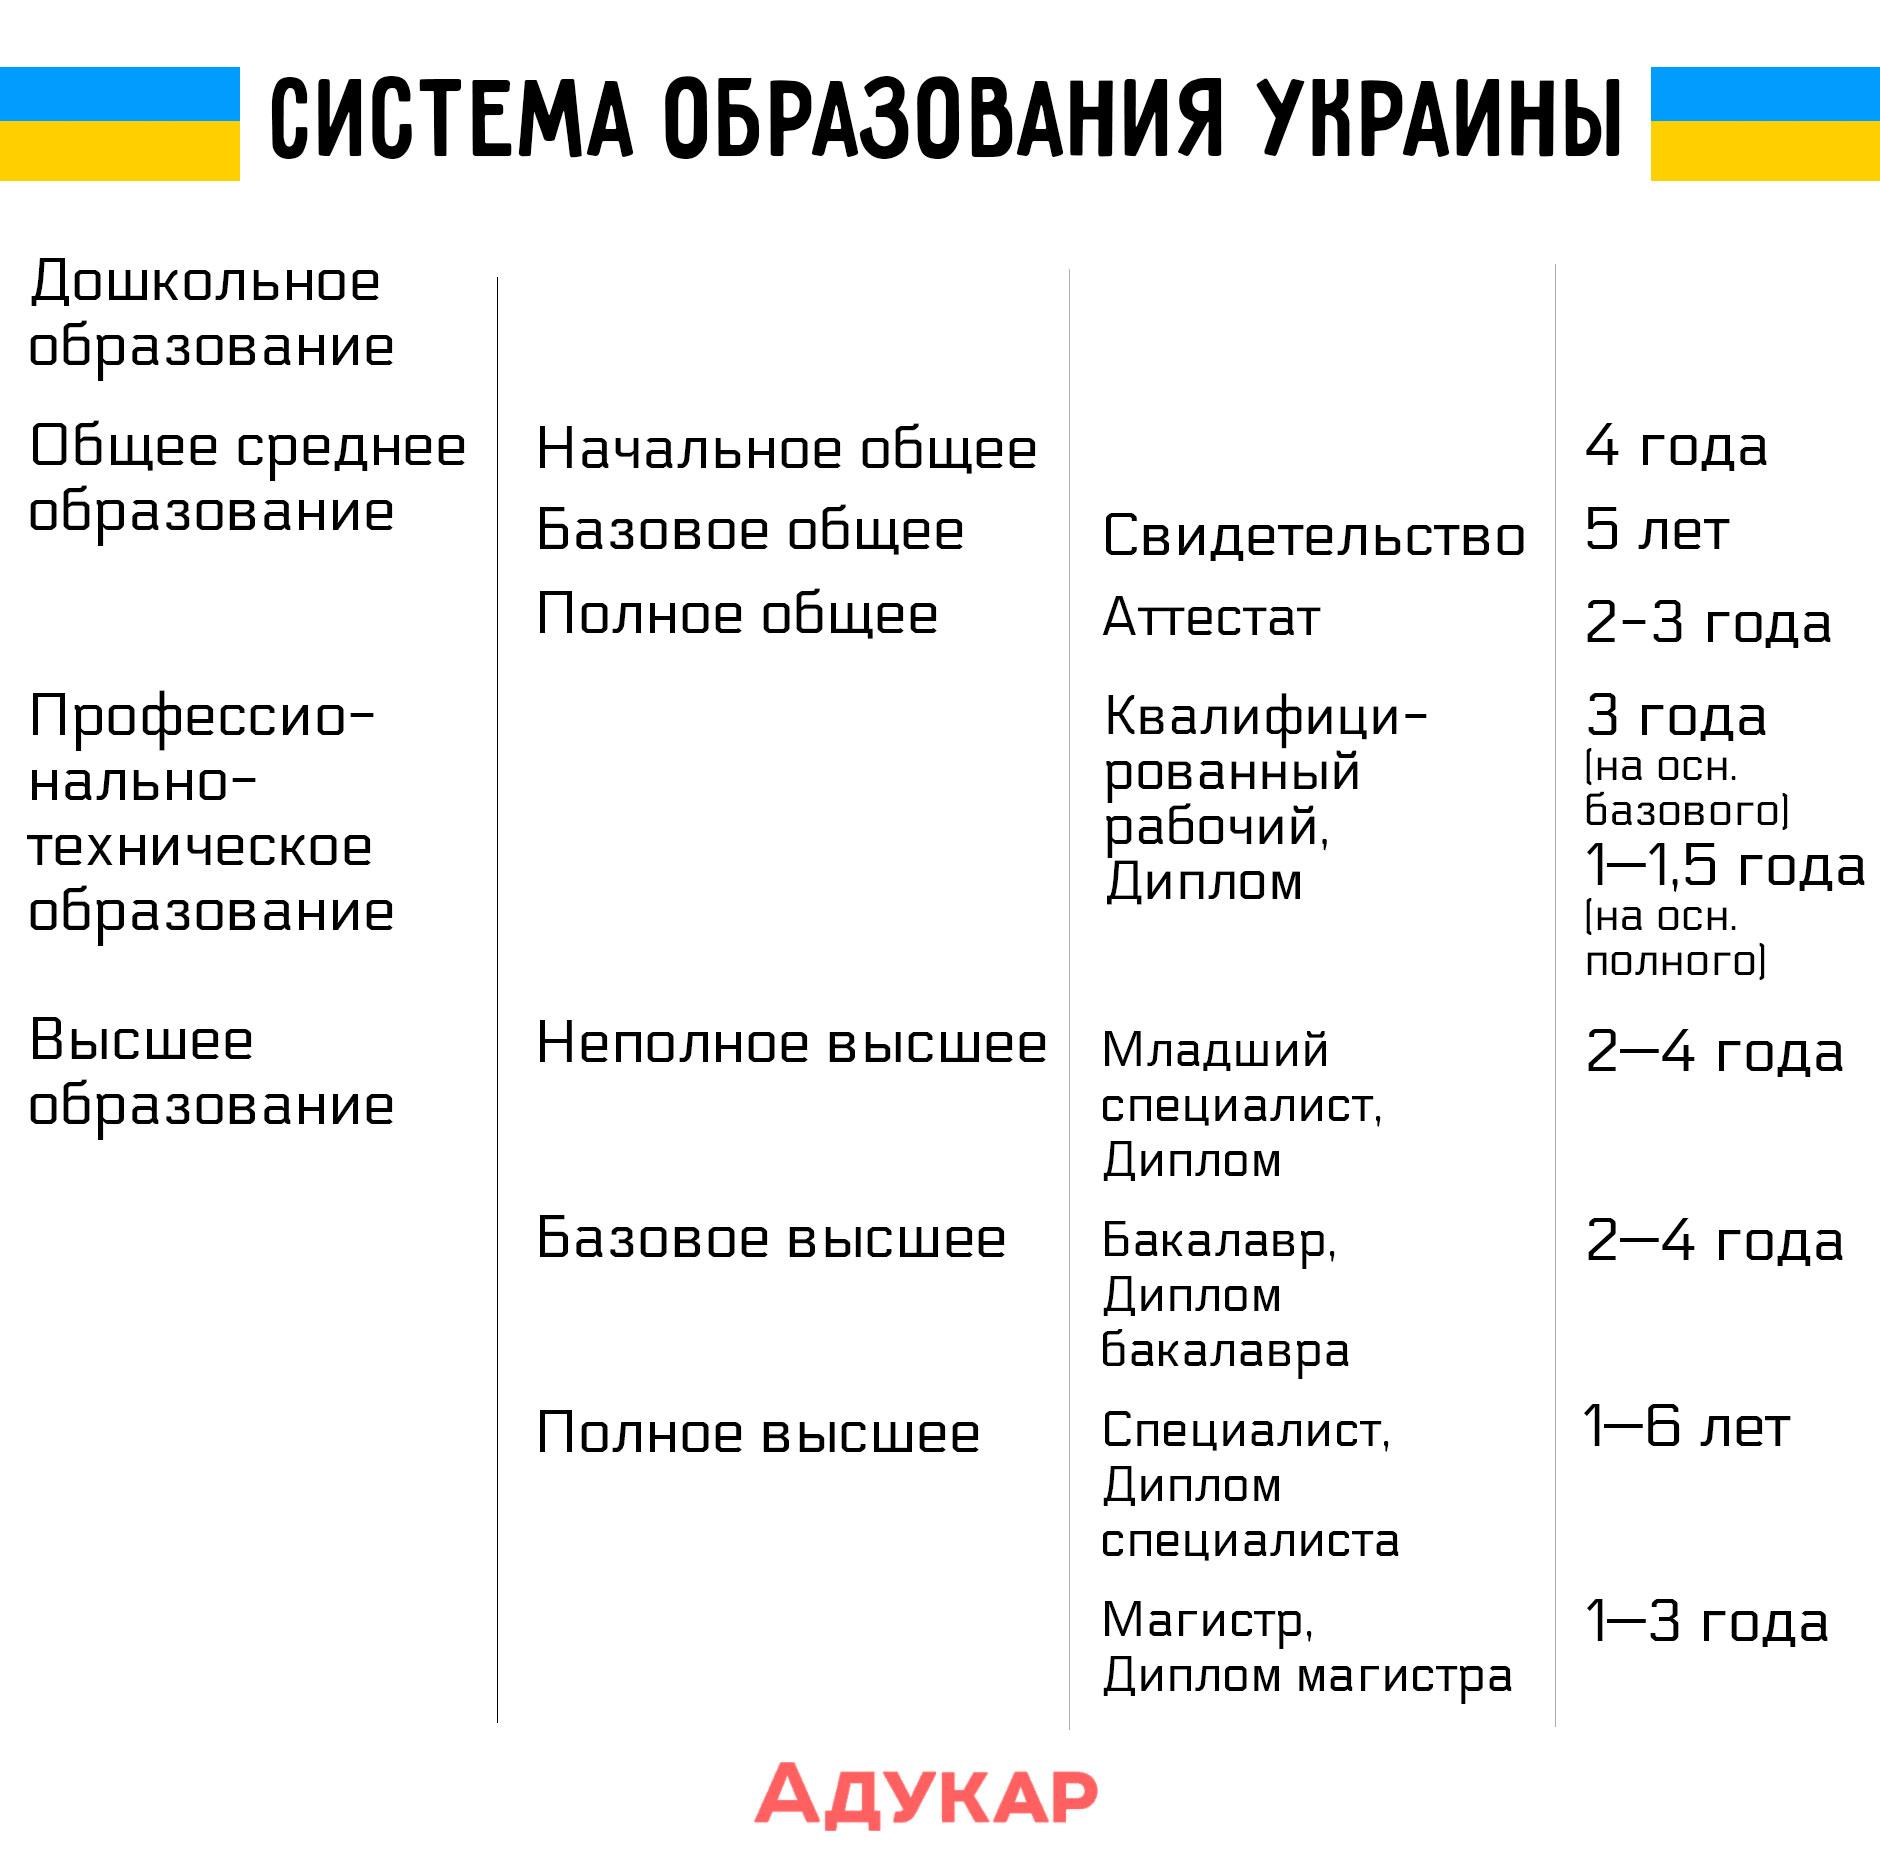 В Украине студенты могут учиться на дневной, вечерней, заочной, дистанционной или комбинированной форме обучения